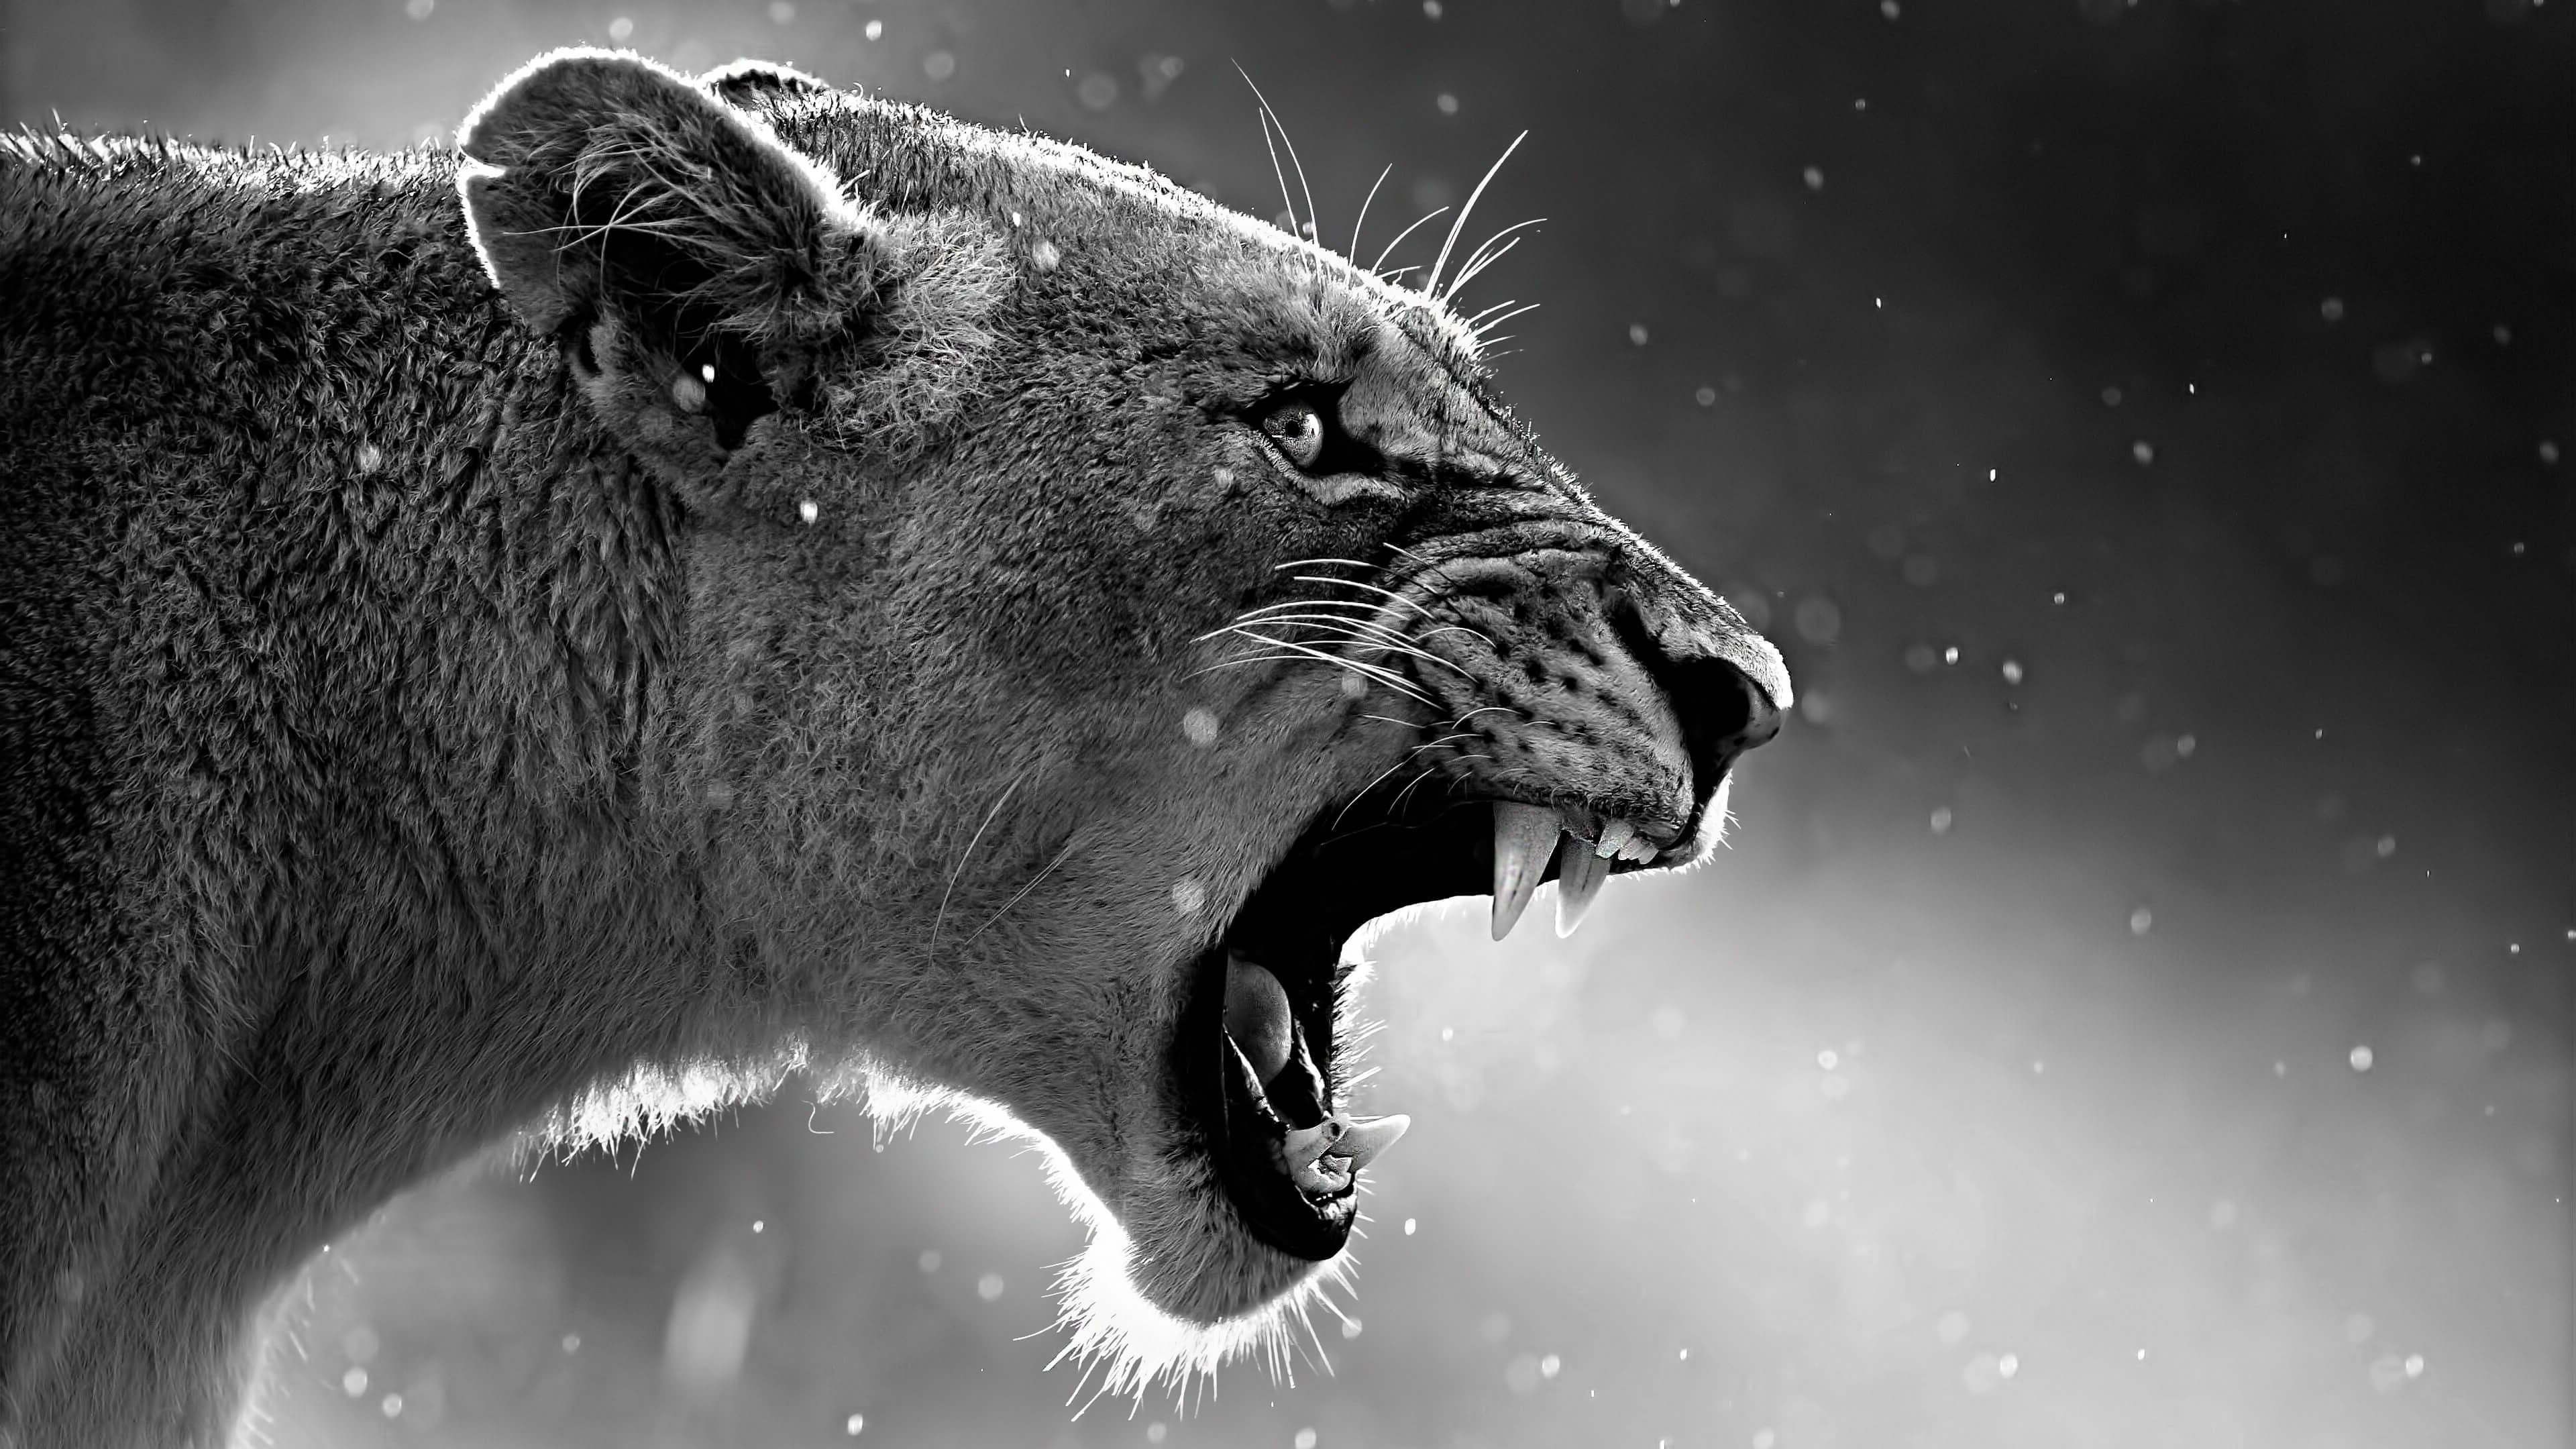 Lion Roar Wallpaper 6999190